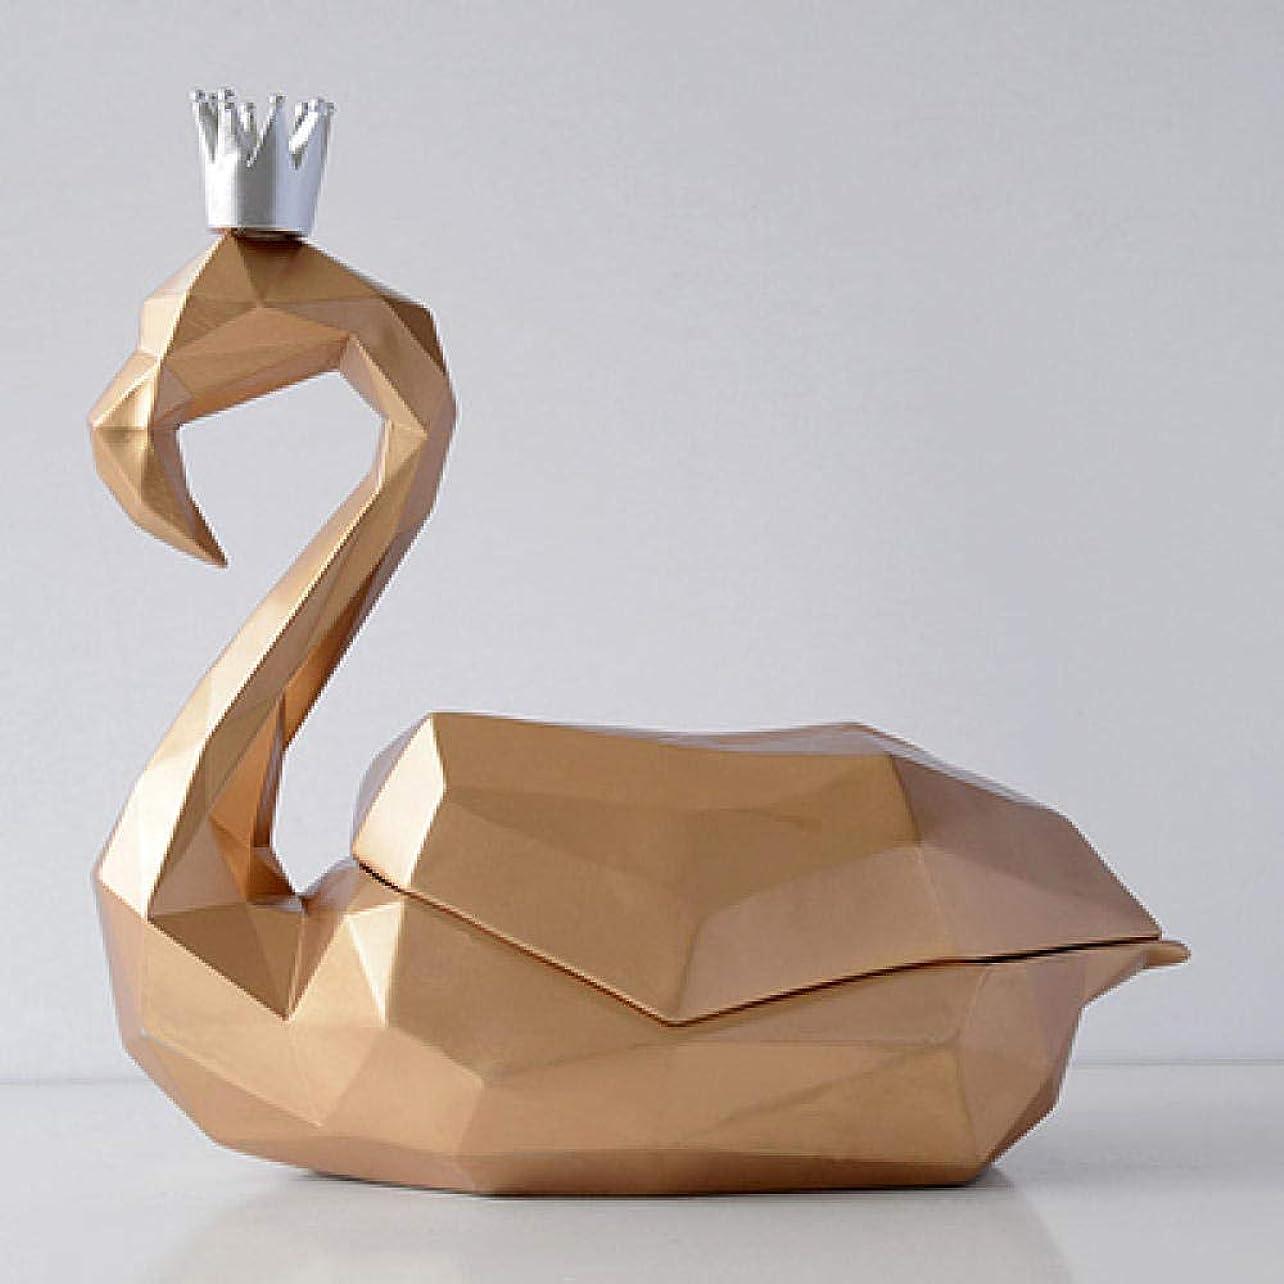 脚本家波技術者FY-YY 部屋のコーヒーテーブルの卓上ティッシュボックス4を生活の装飾アートクラフトフラミンゴの装飾品